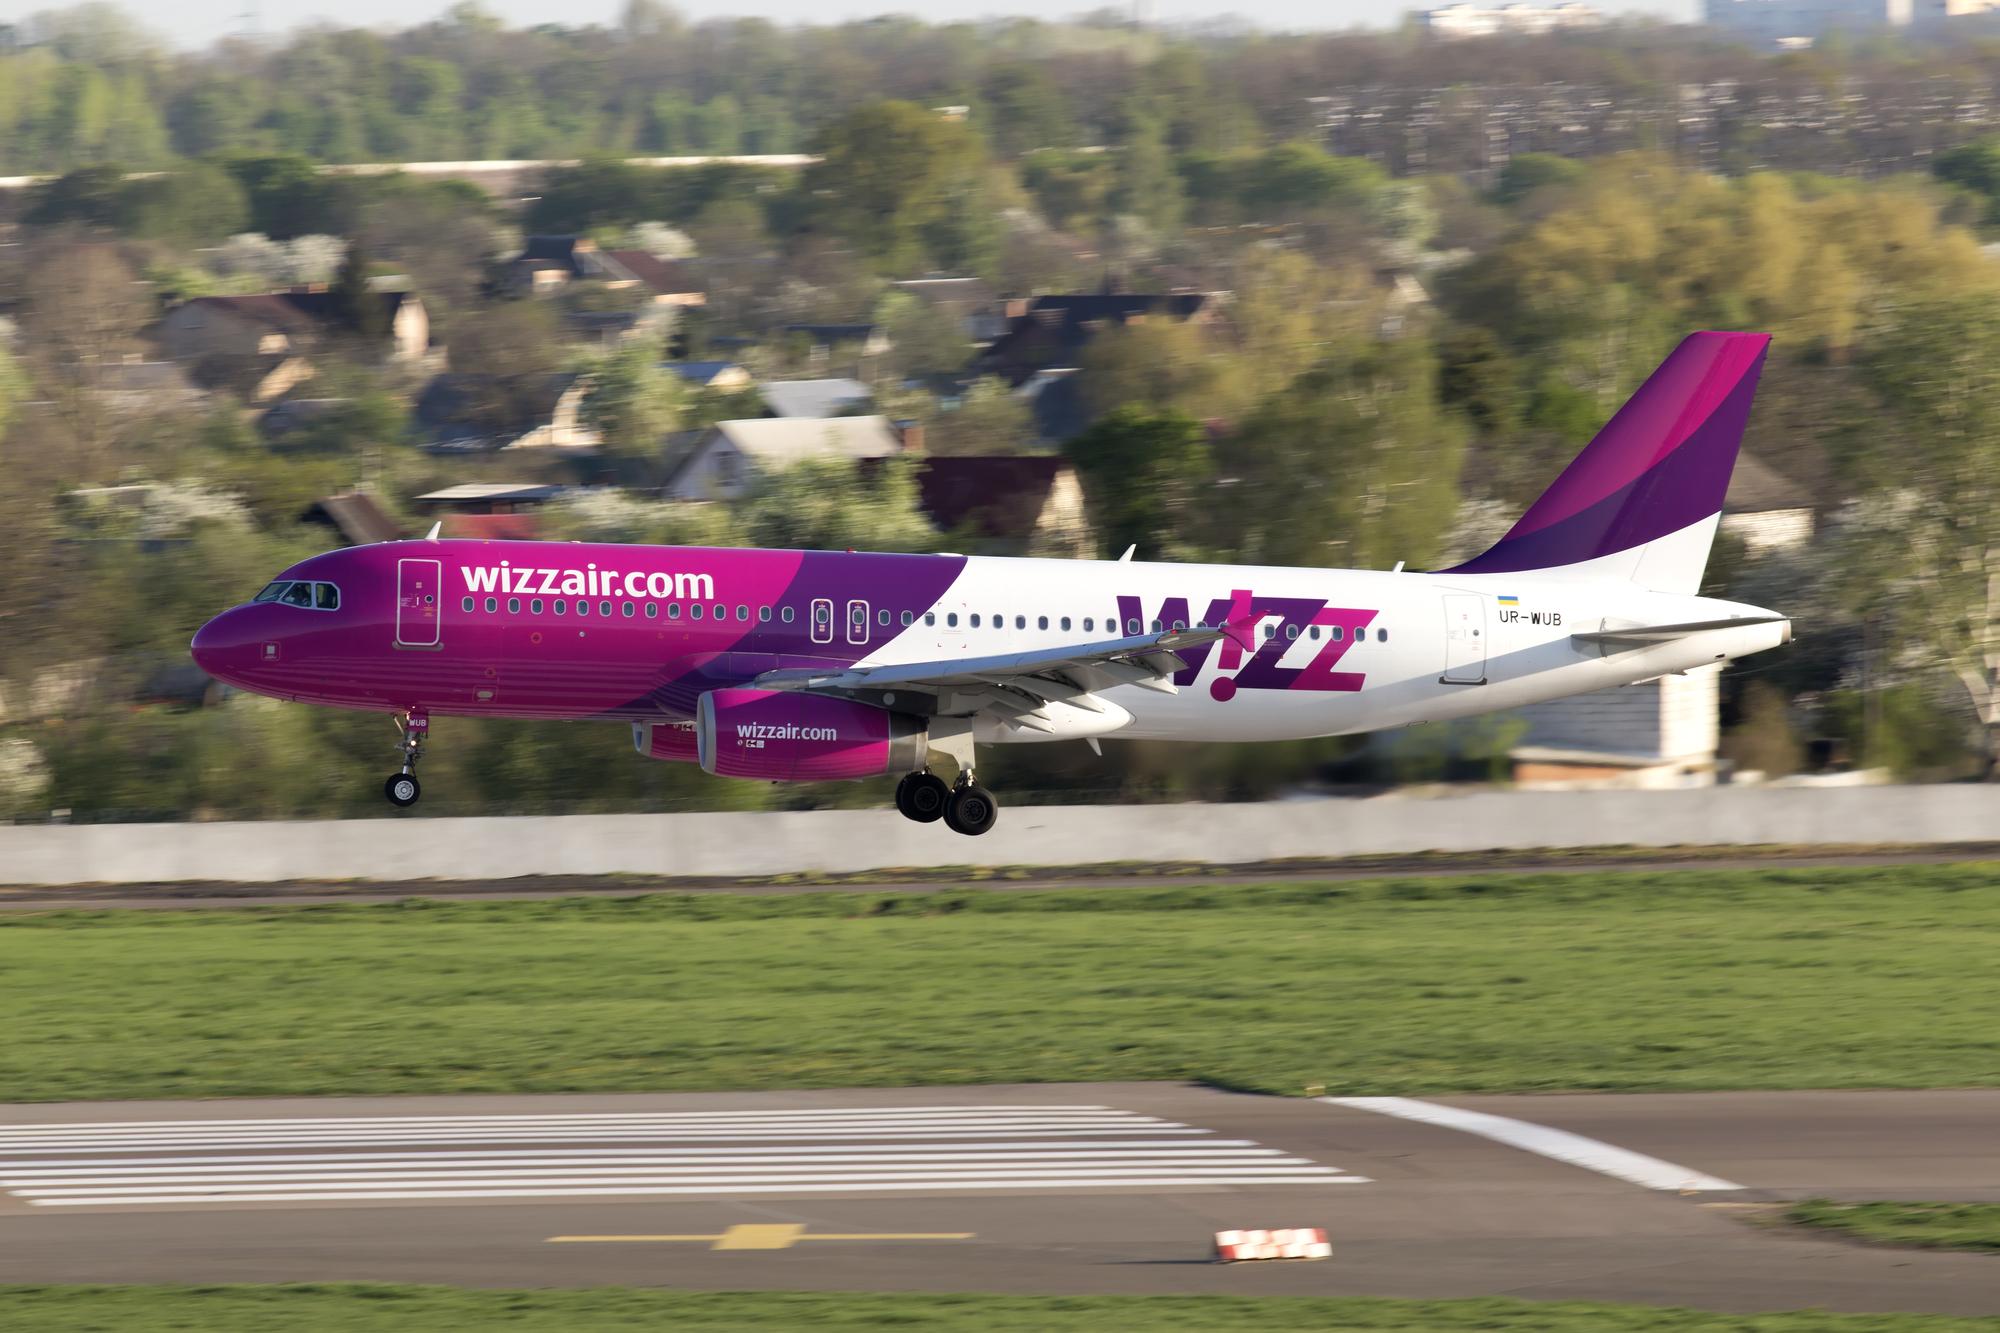 Wizz Air povertajeťsja u velykyj ukraїnśkyj aeroport